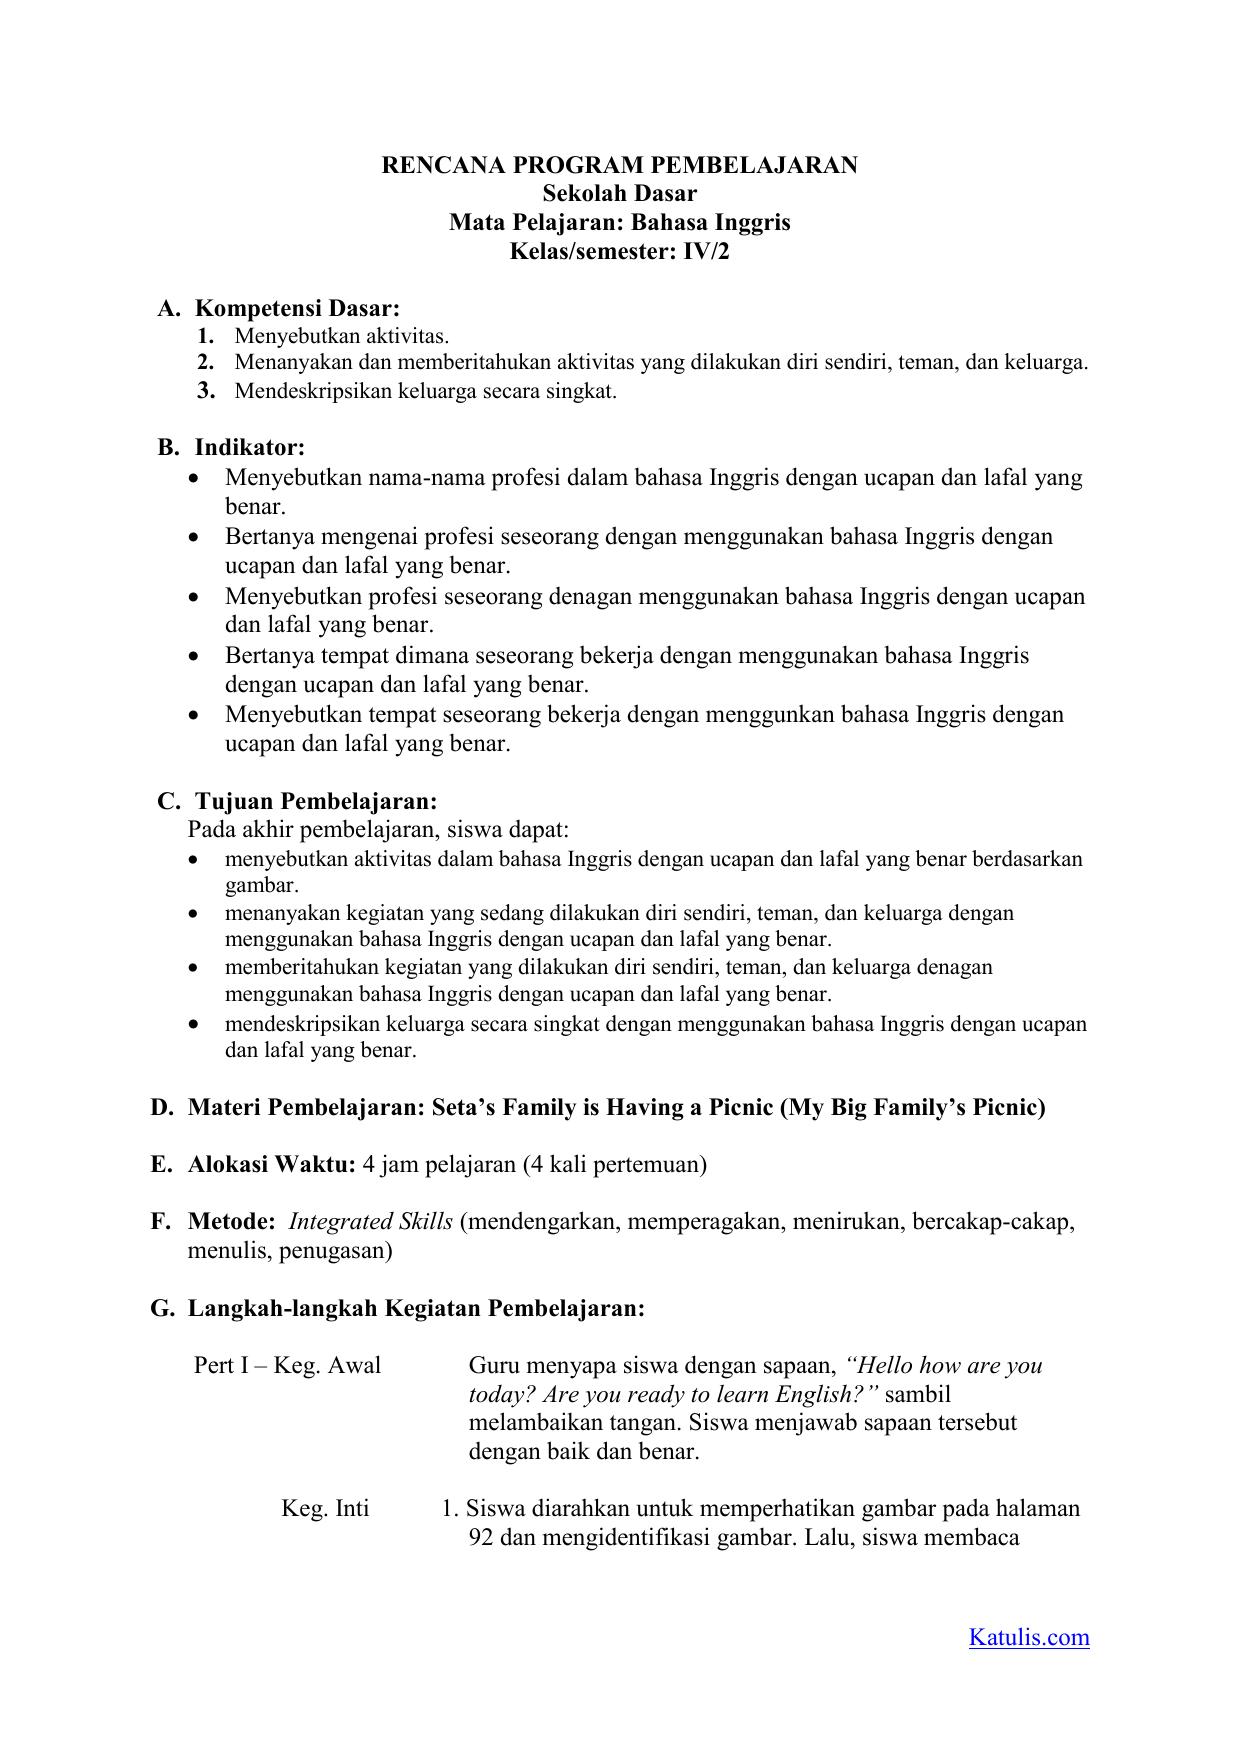 Rpp K13 Bahasa Inggris Kelas 4 Semester 2 Revisi 2019 Katulis Com